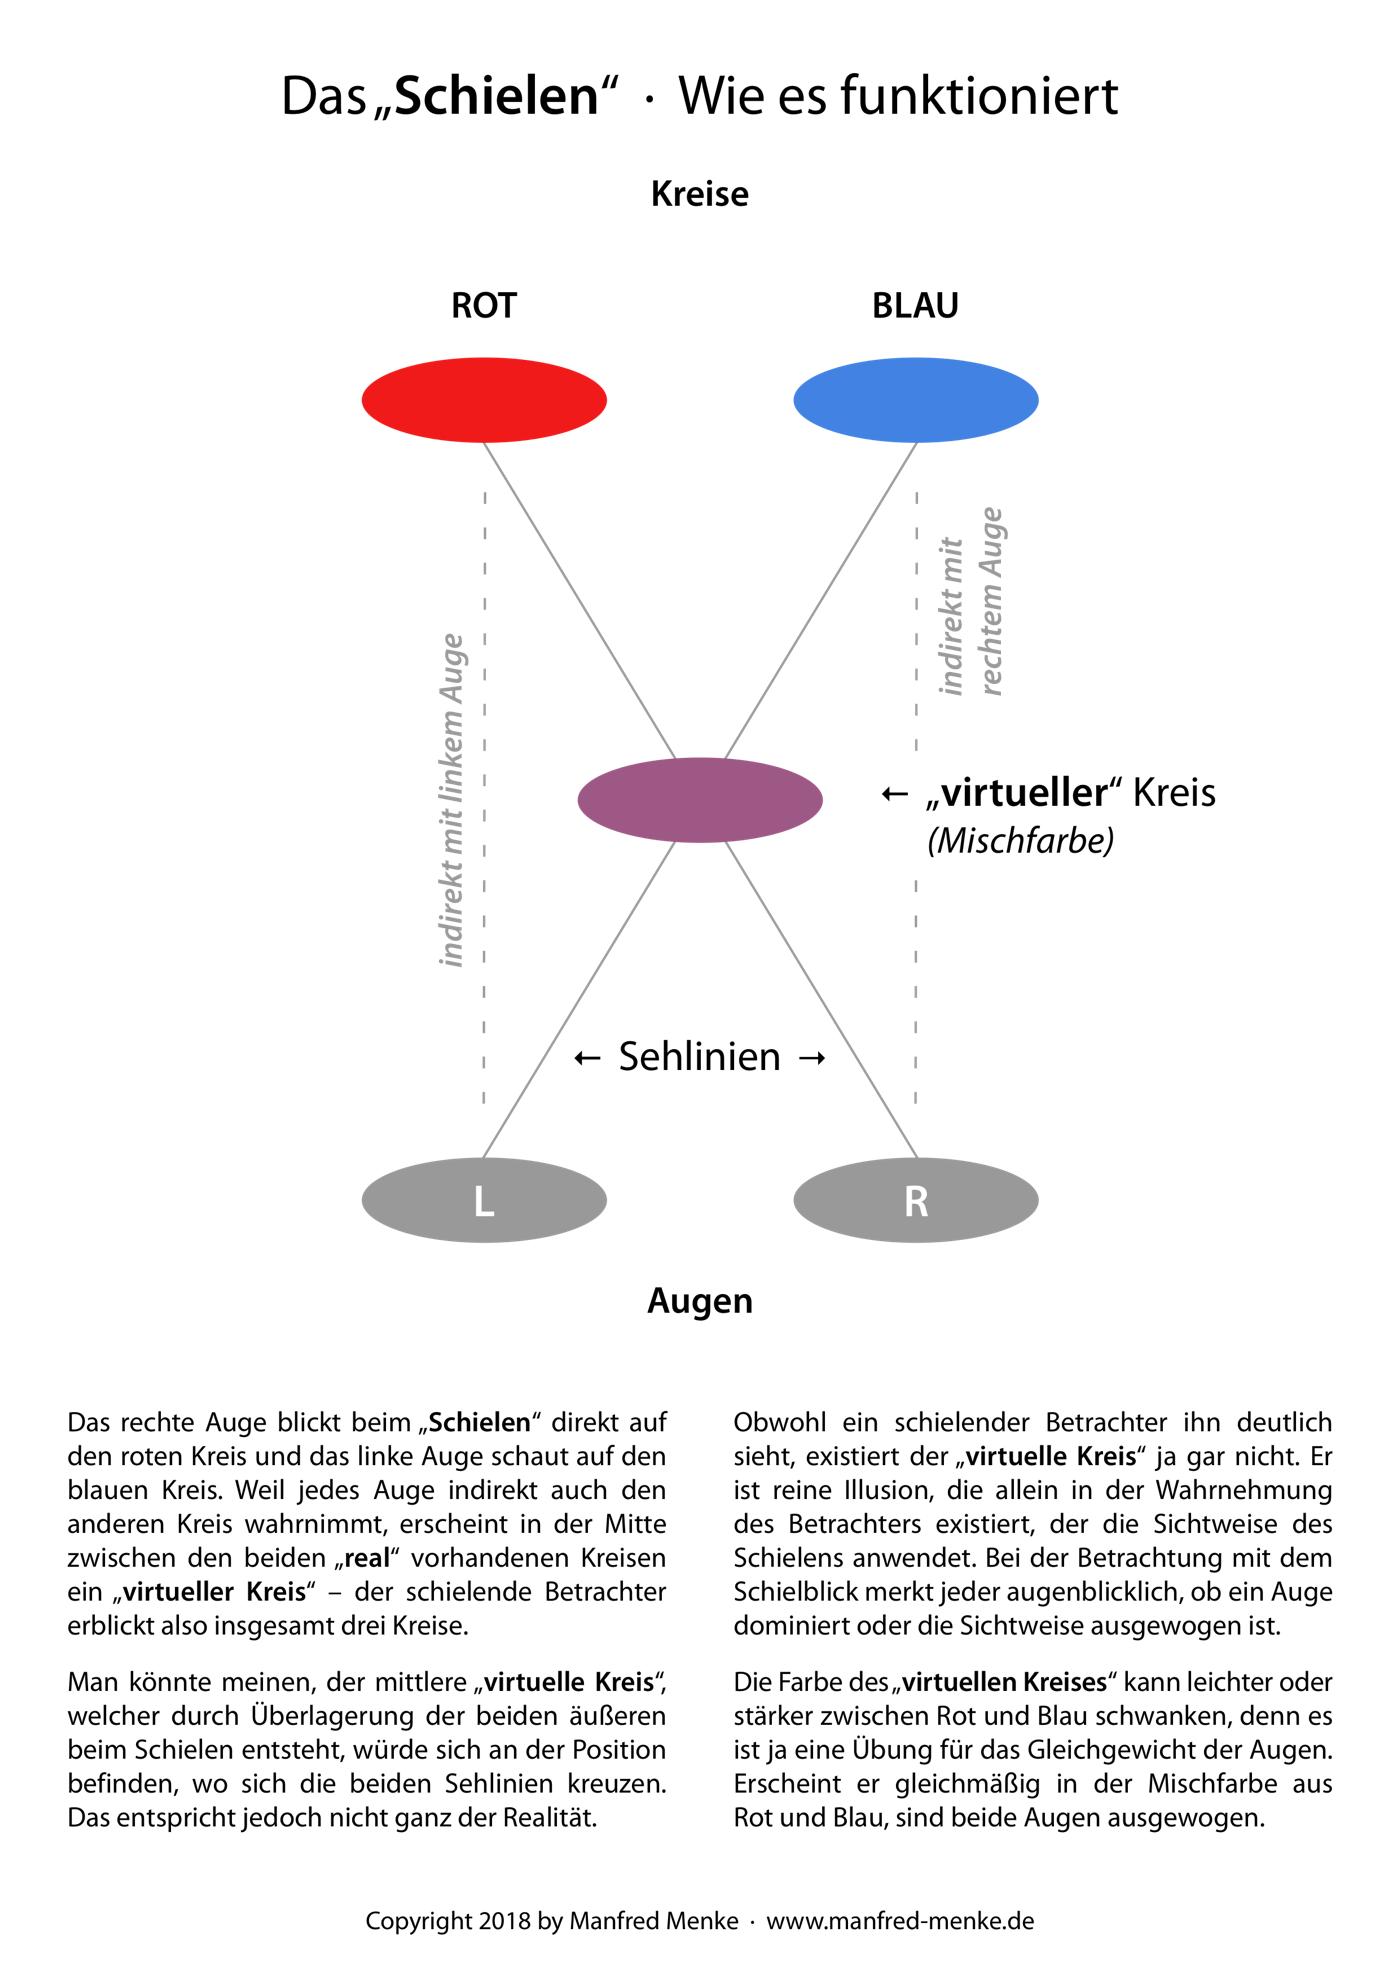 Das Schielen · Wie es funktioniert